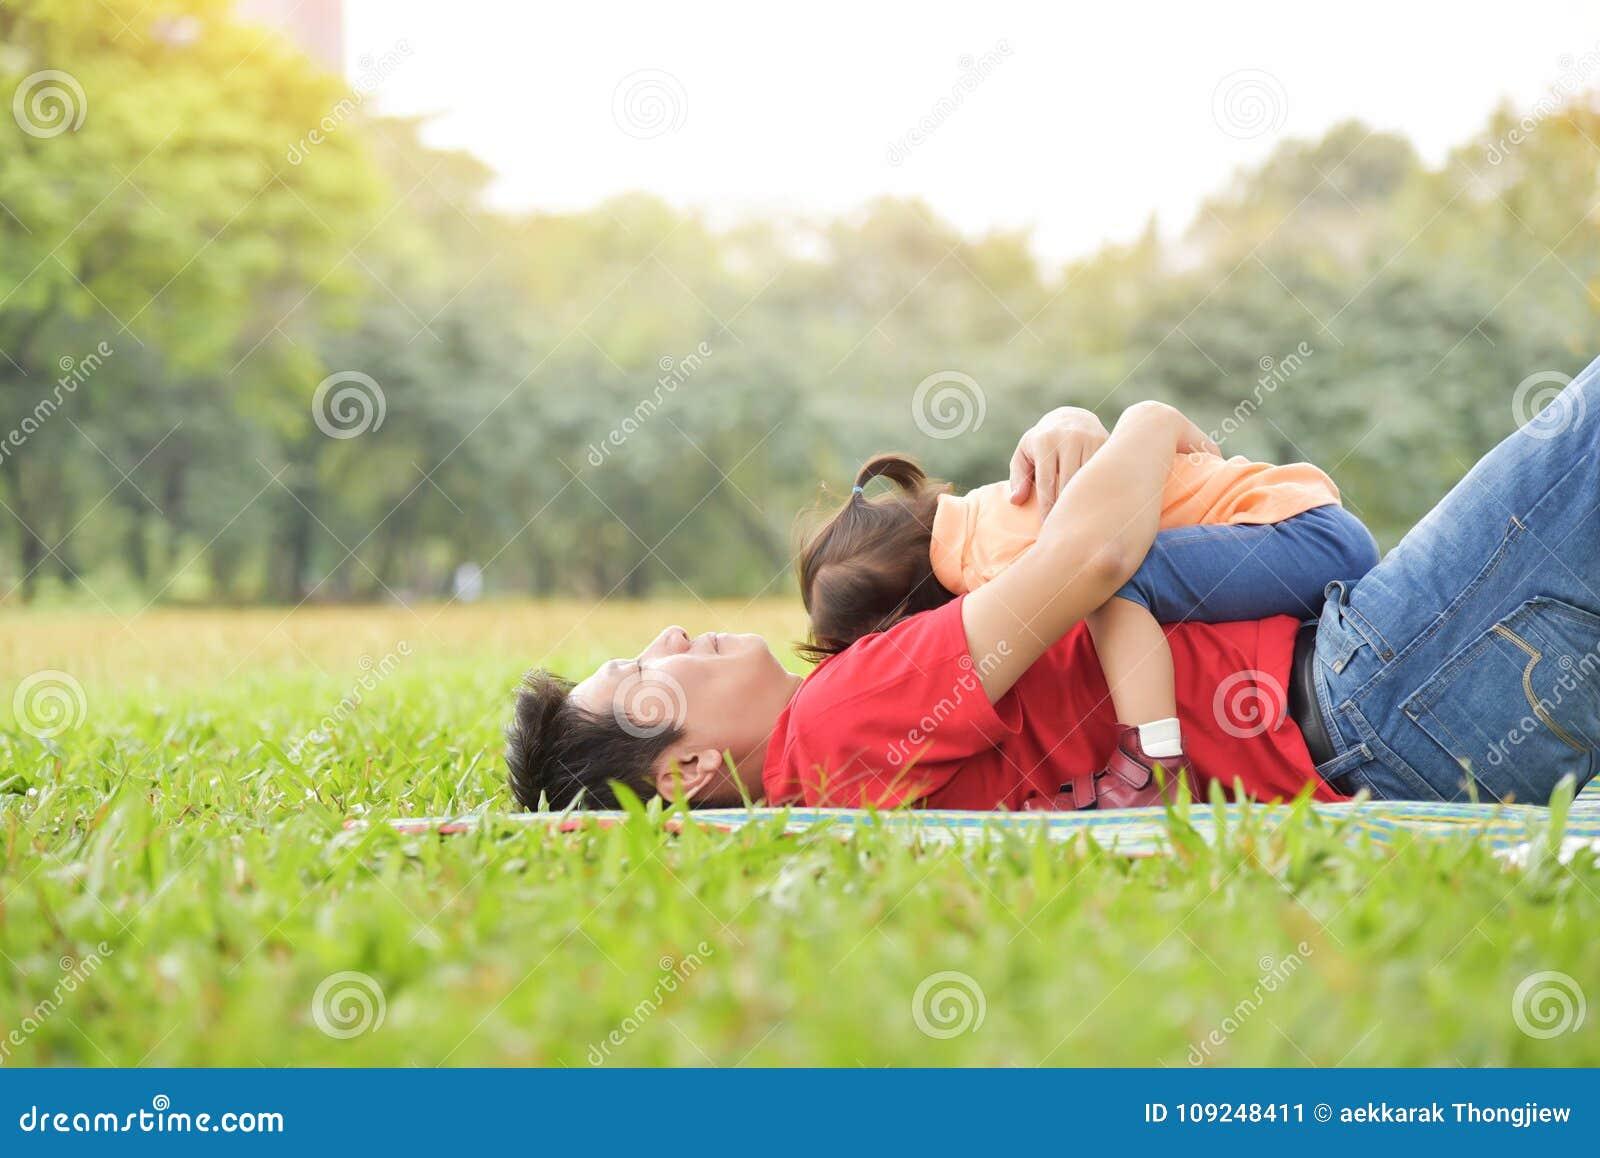 De gelukkige jonge Aziatische vader en zijn dochter koesteren samen a